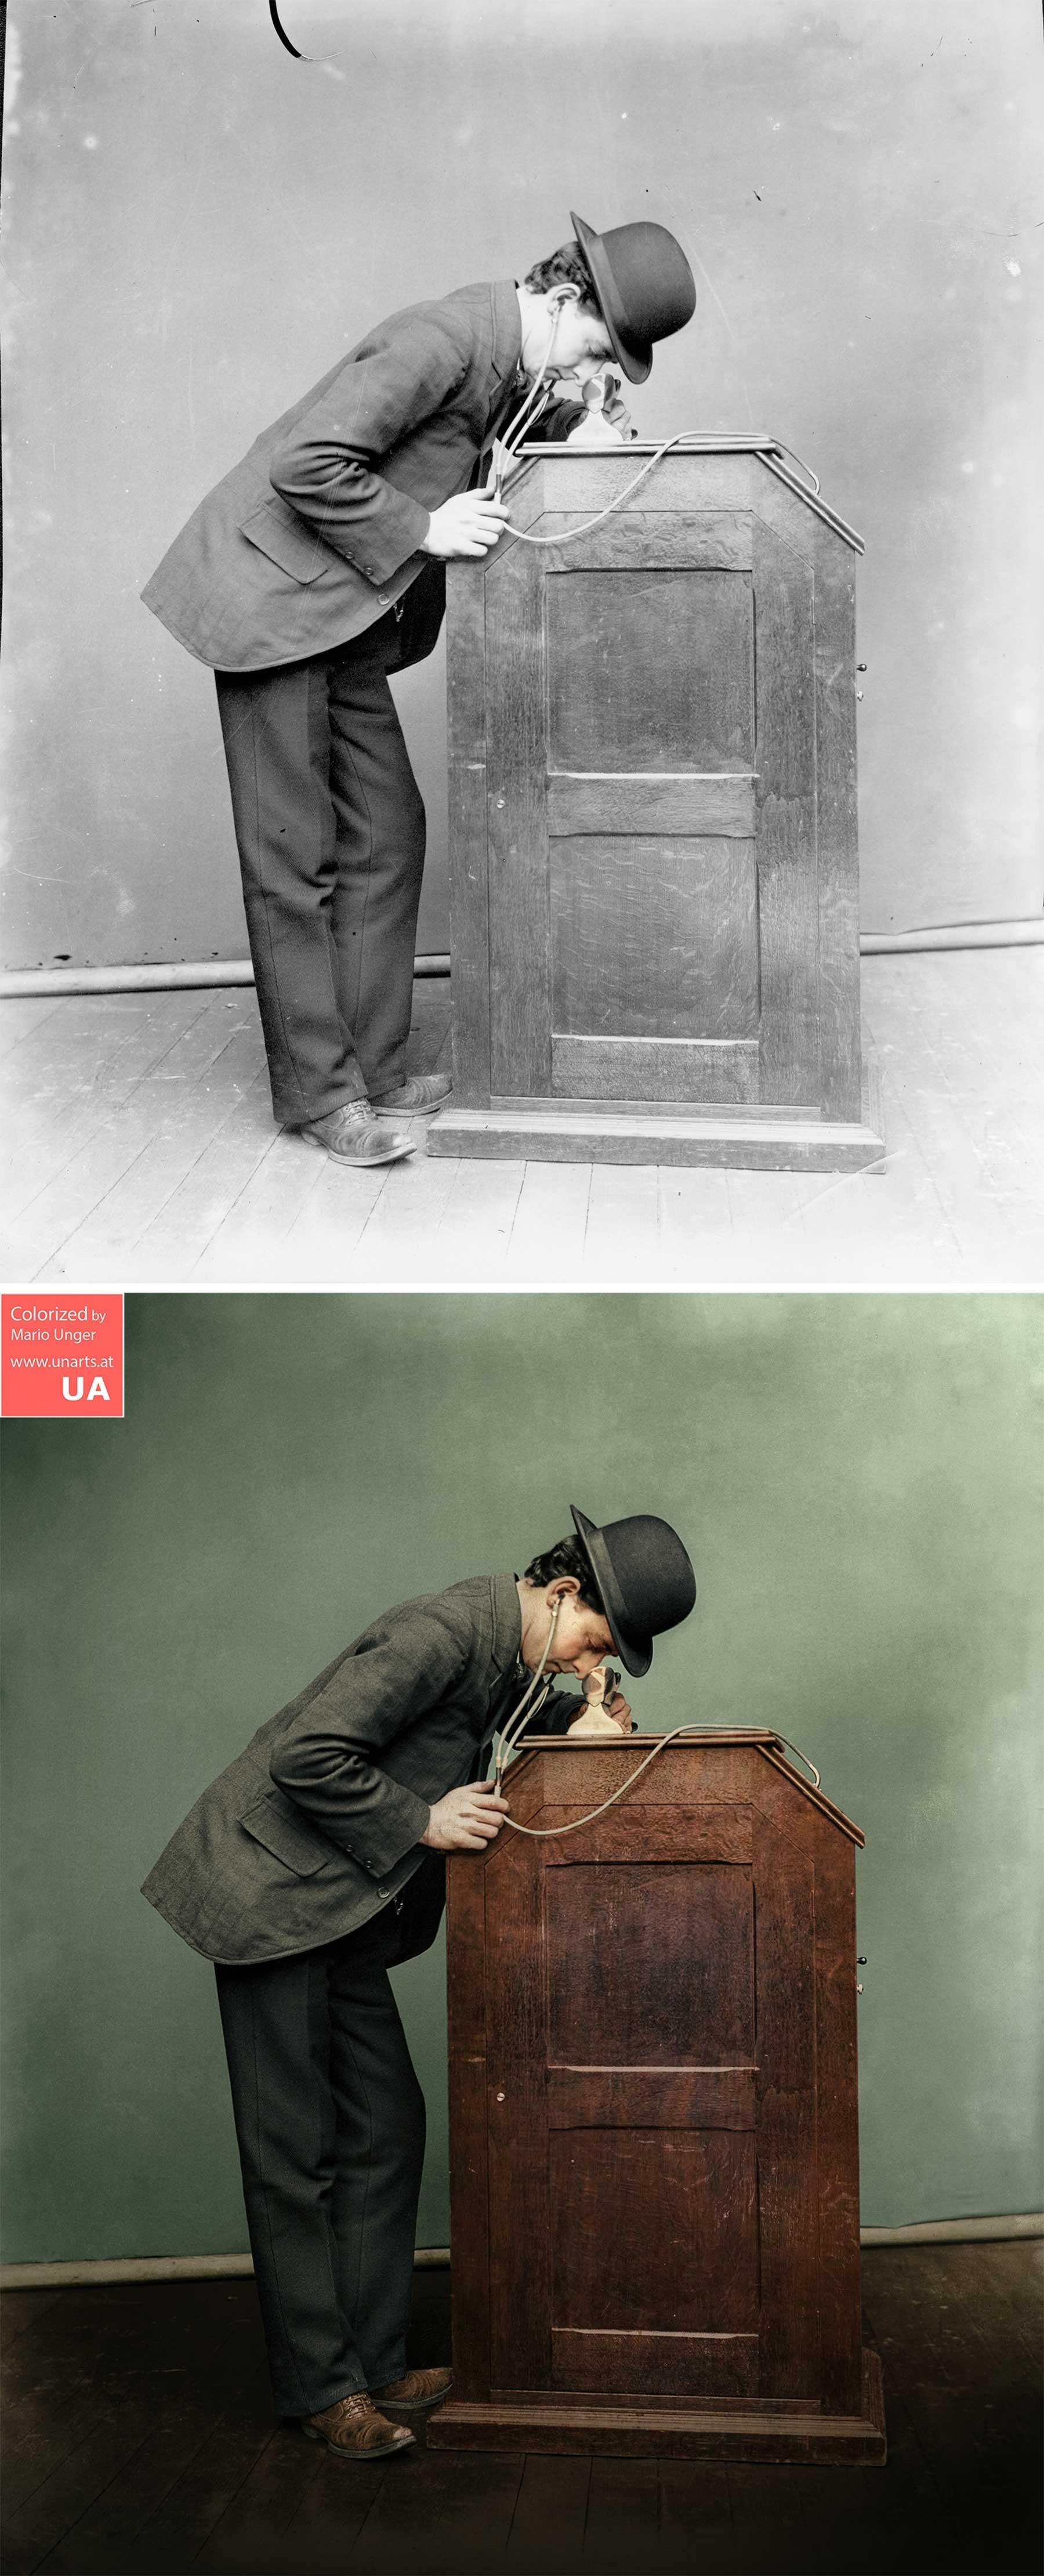 Beeindruckende Foto-Restaurationen von Mario Unger mario-unger-fotorestauration_10